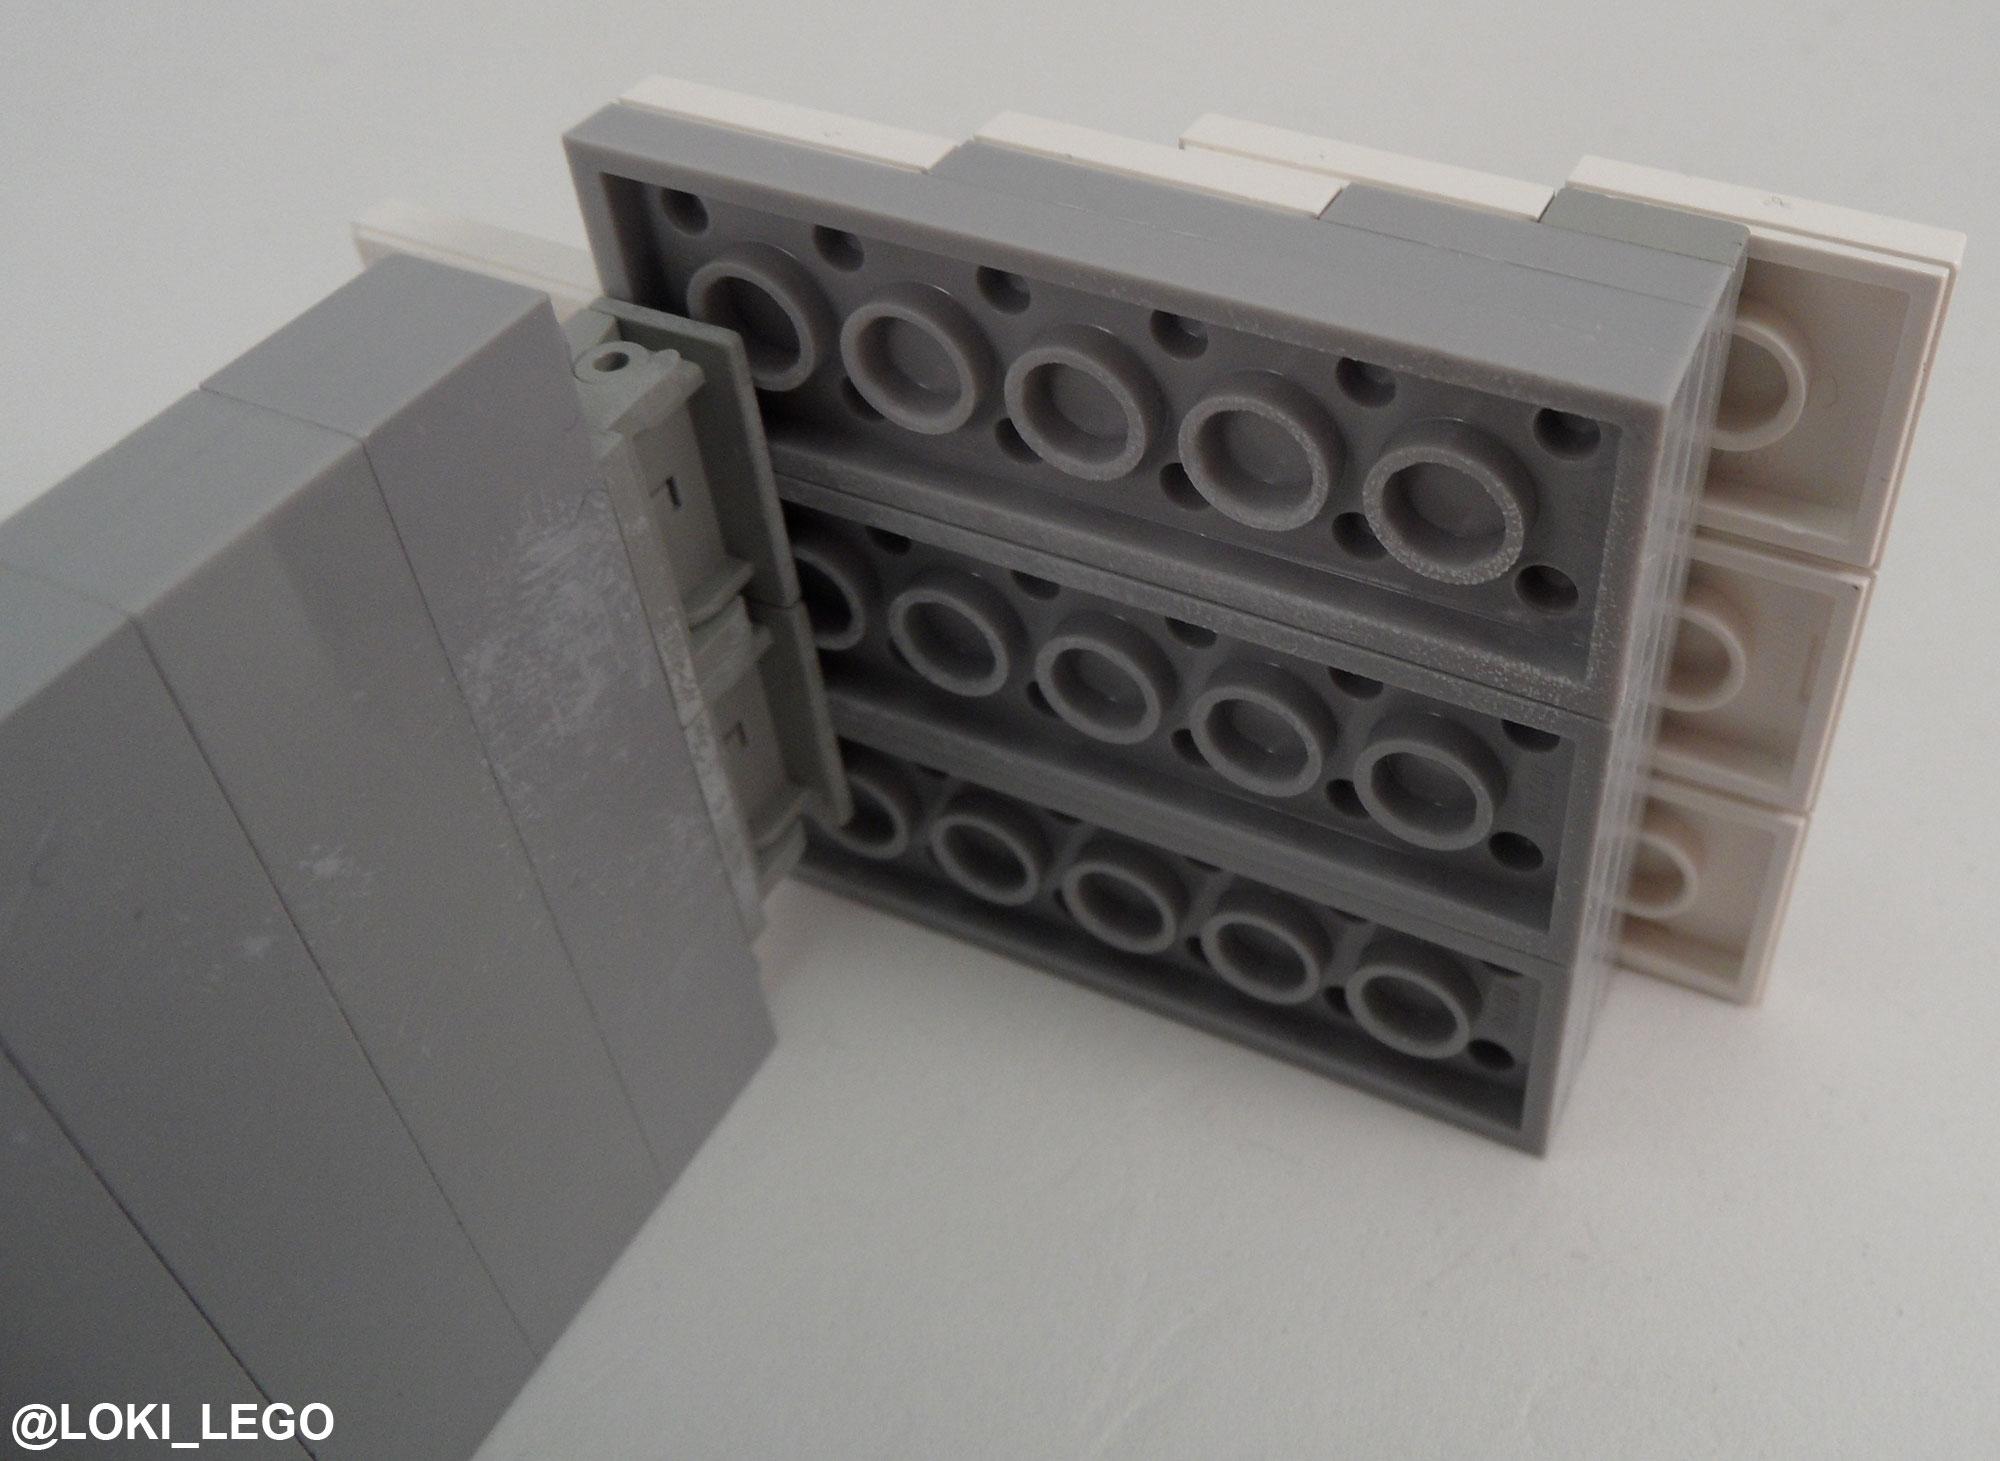 thor-ragnarok-lego-set-22